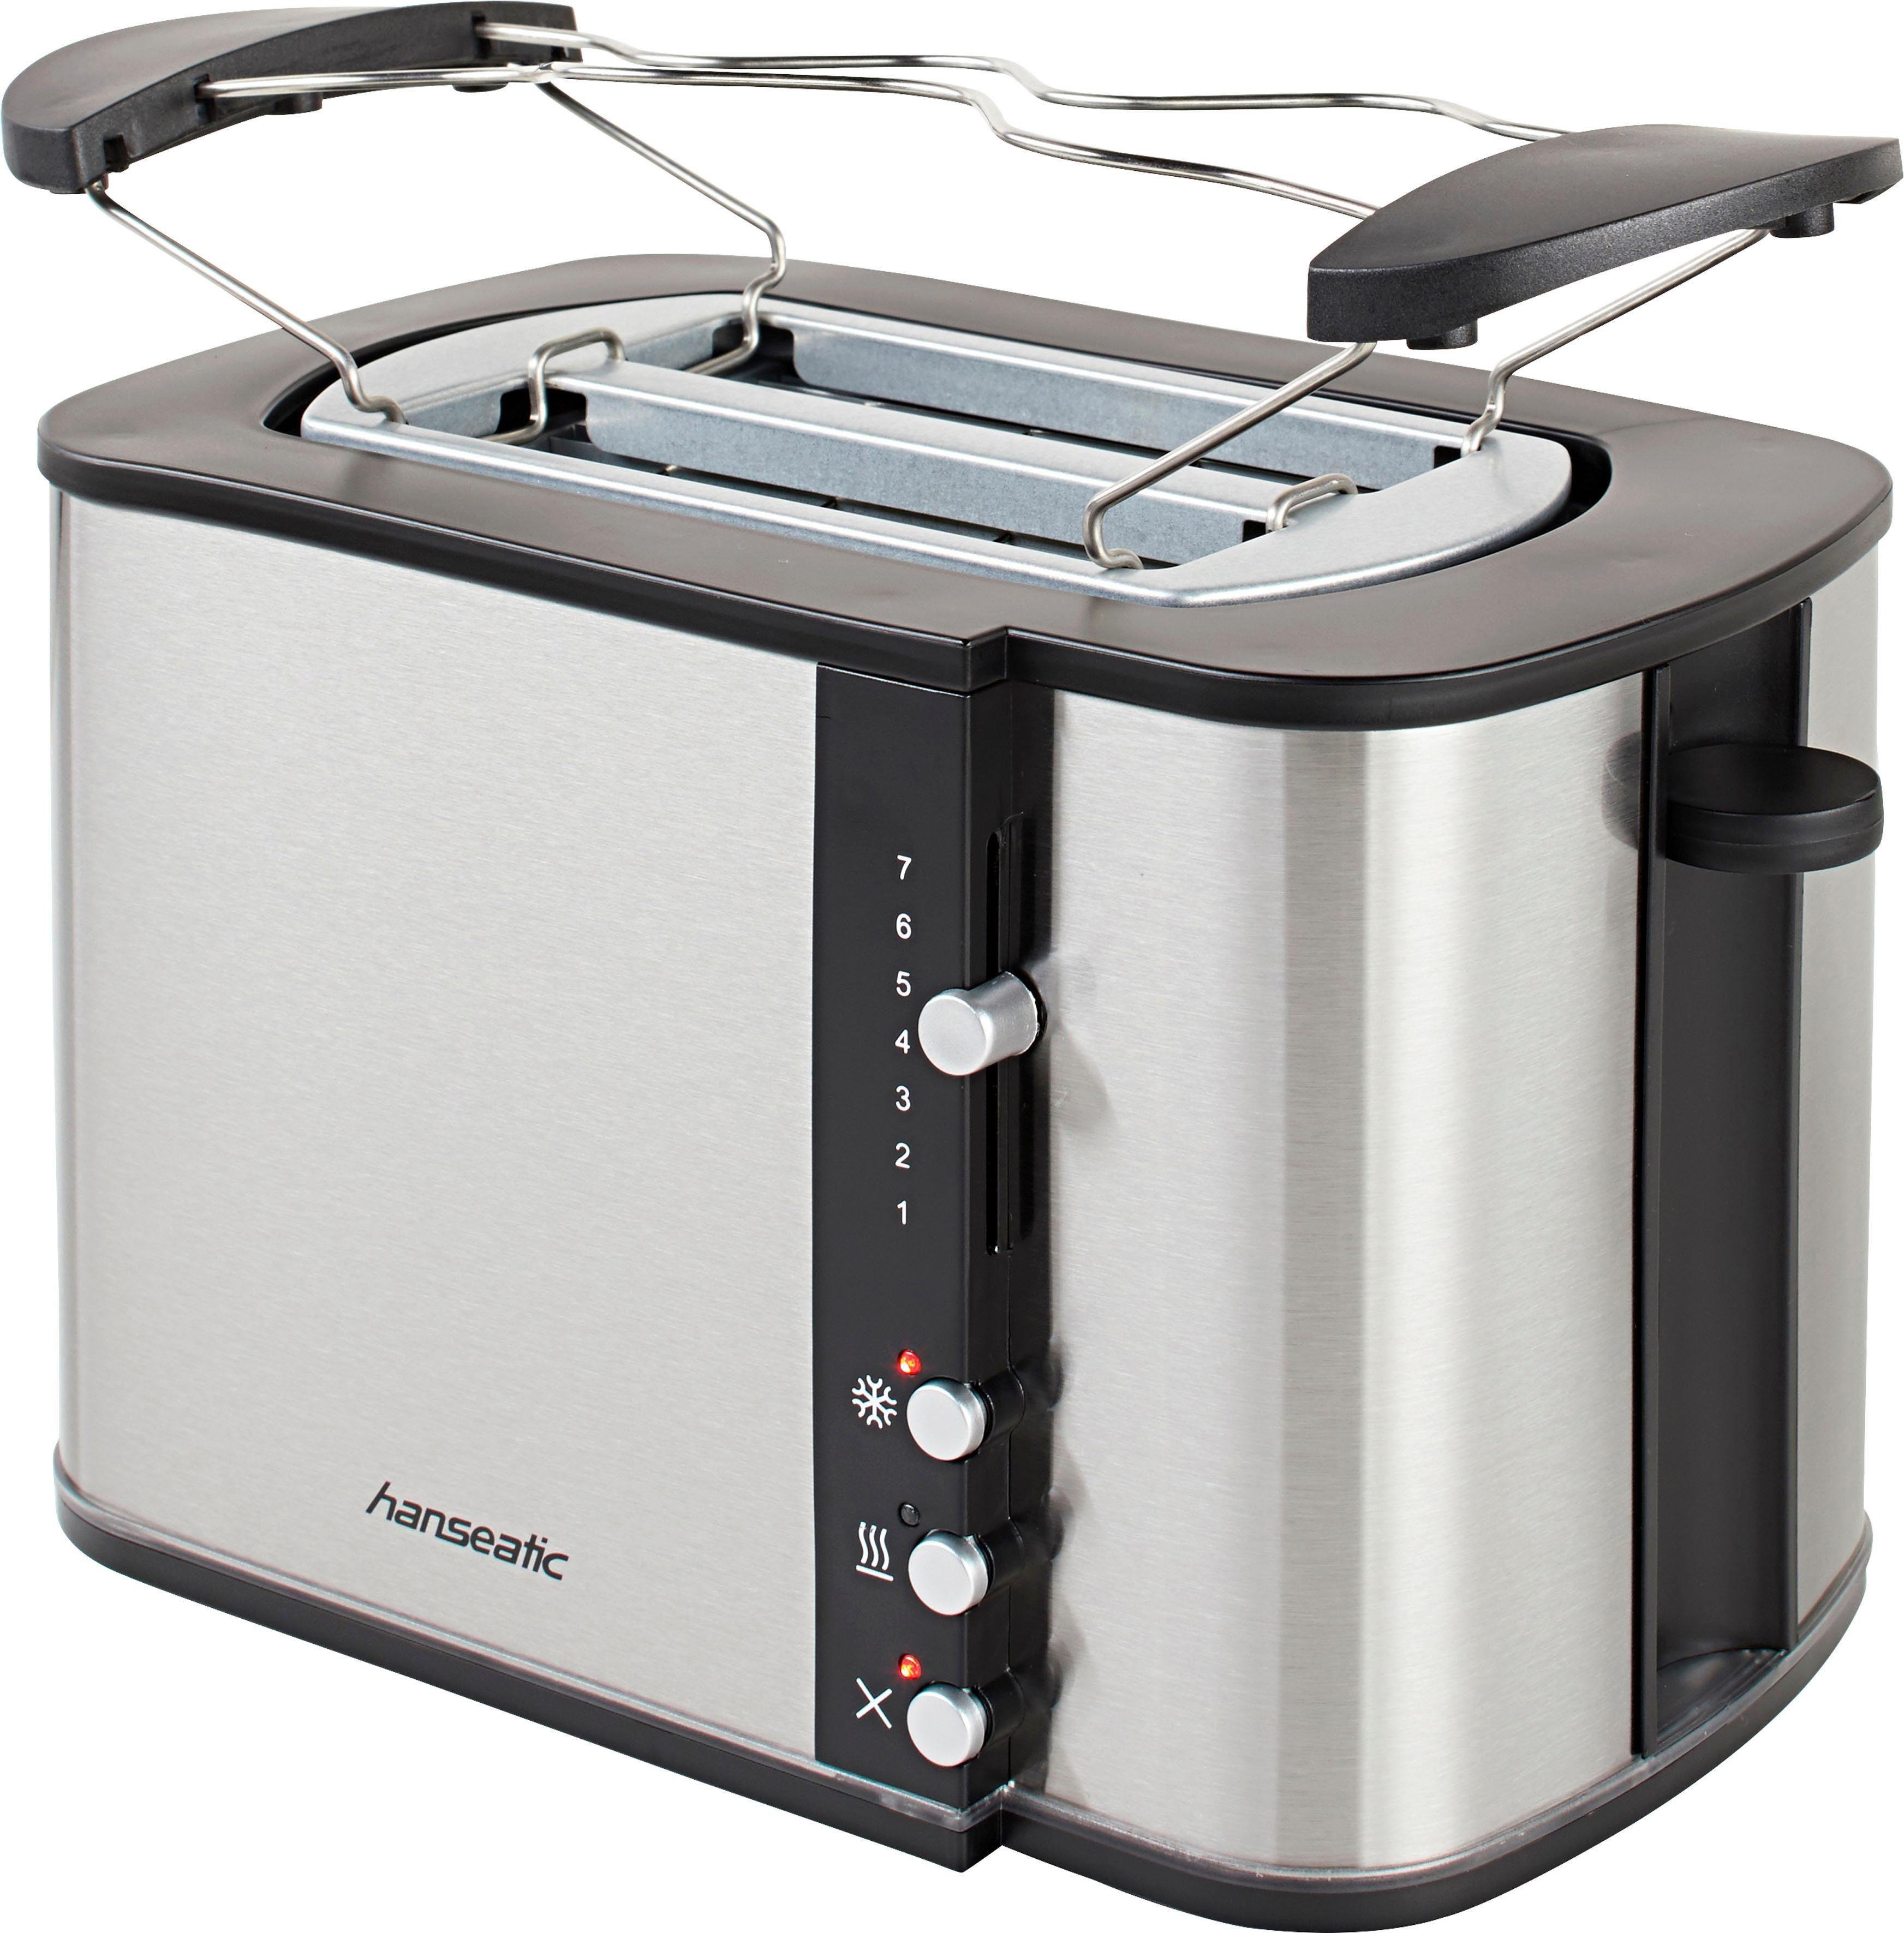 Hanseatic Toaster mit Brötchenaufsatz, 2 kurze Schlitze, für 2 Scheiben, 870 W